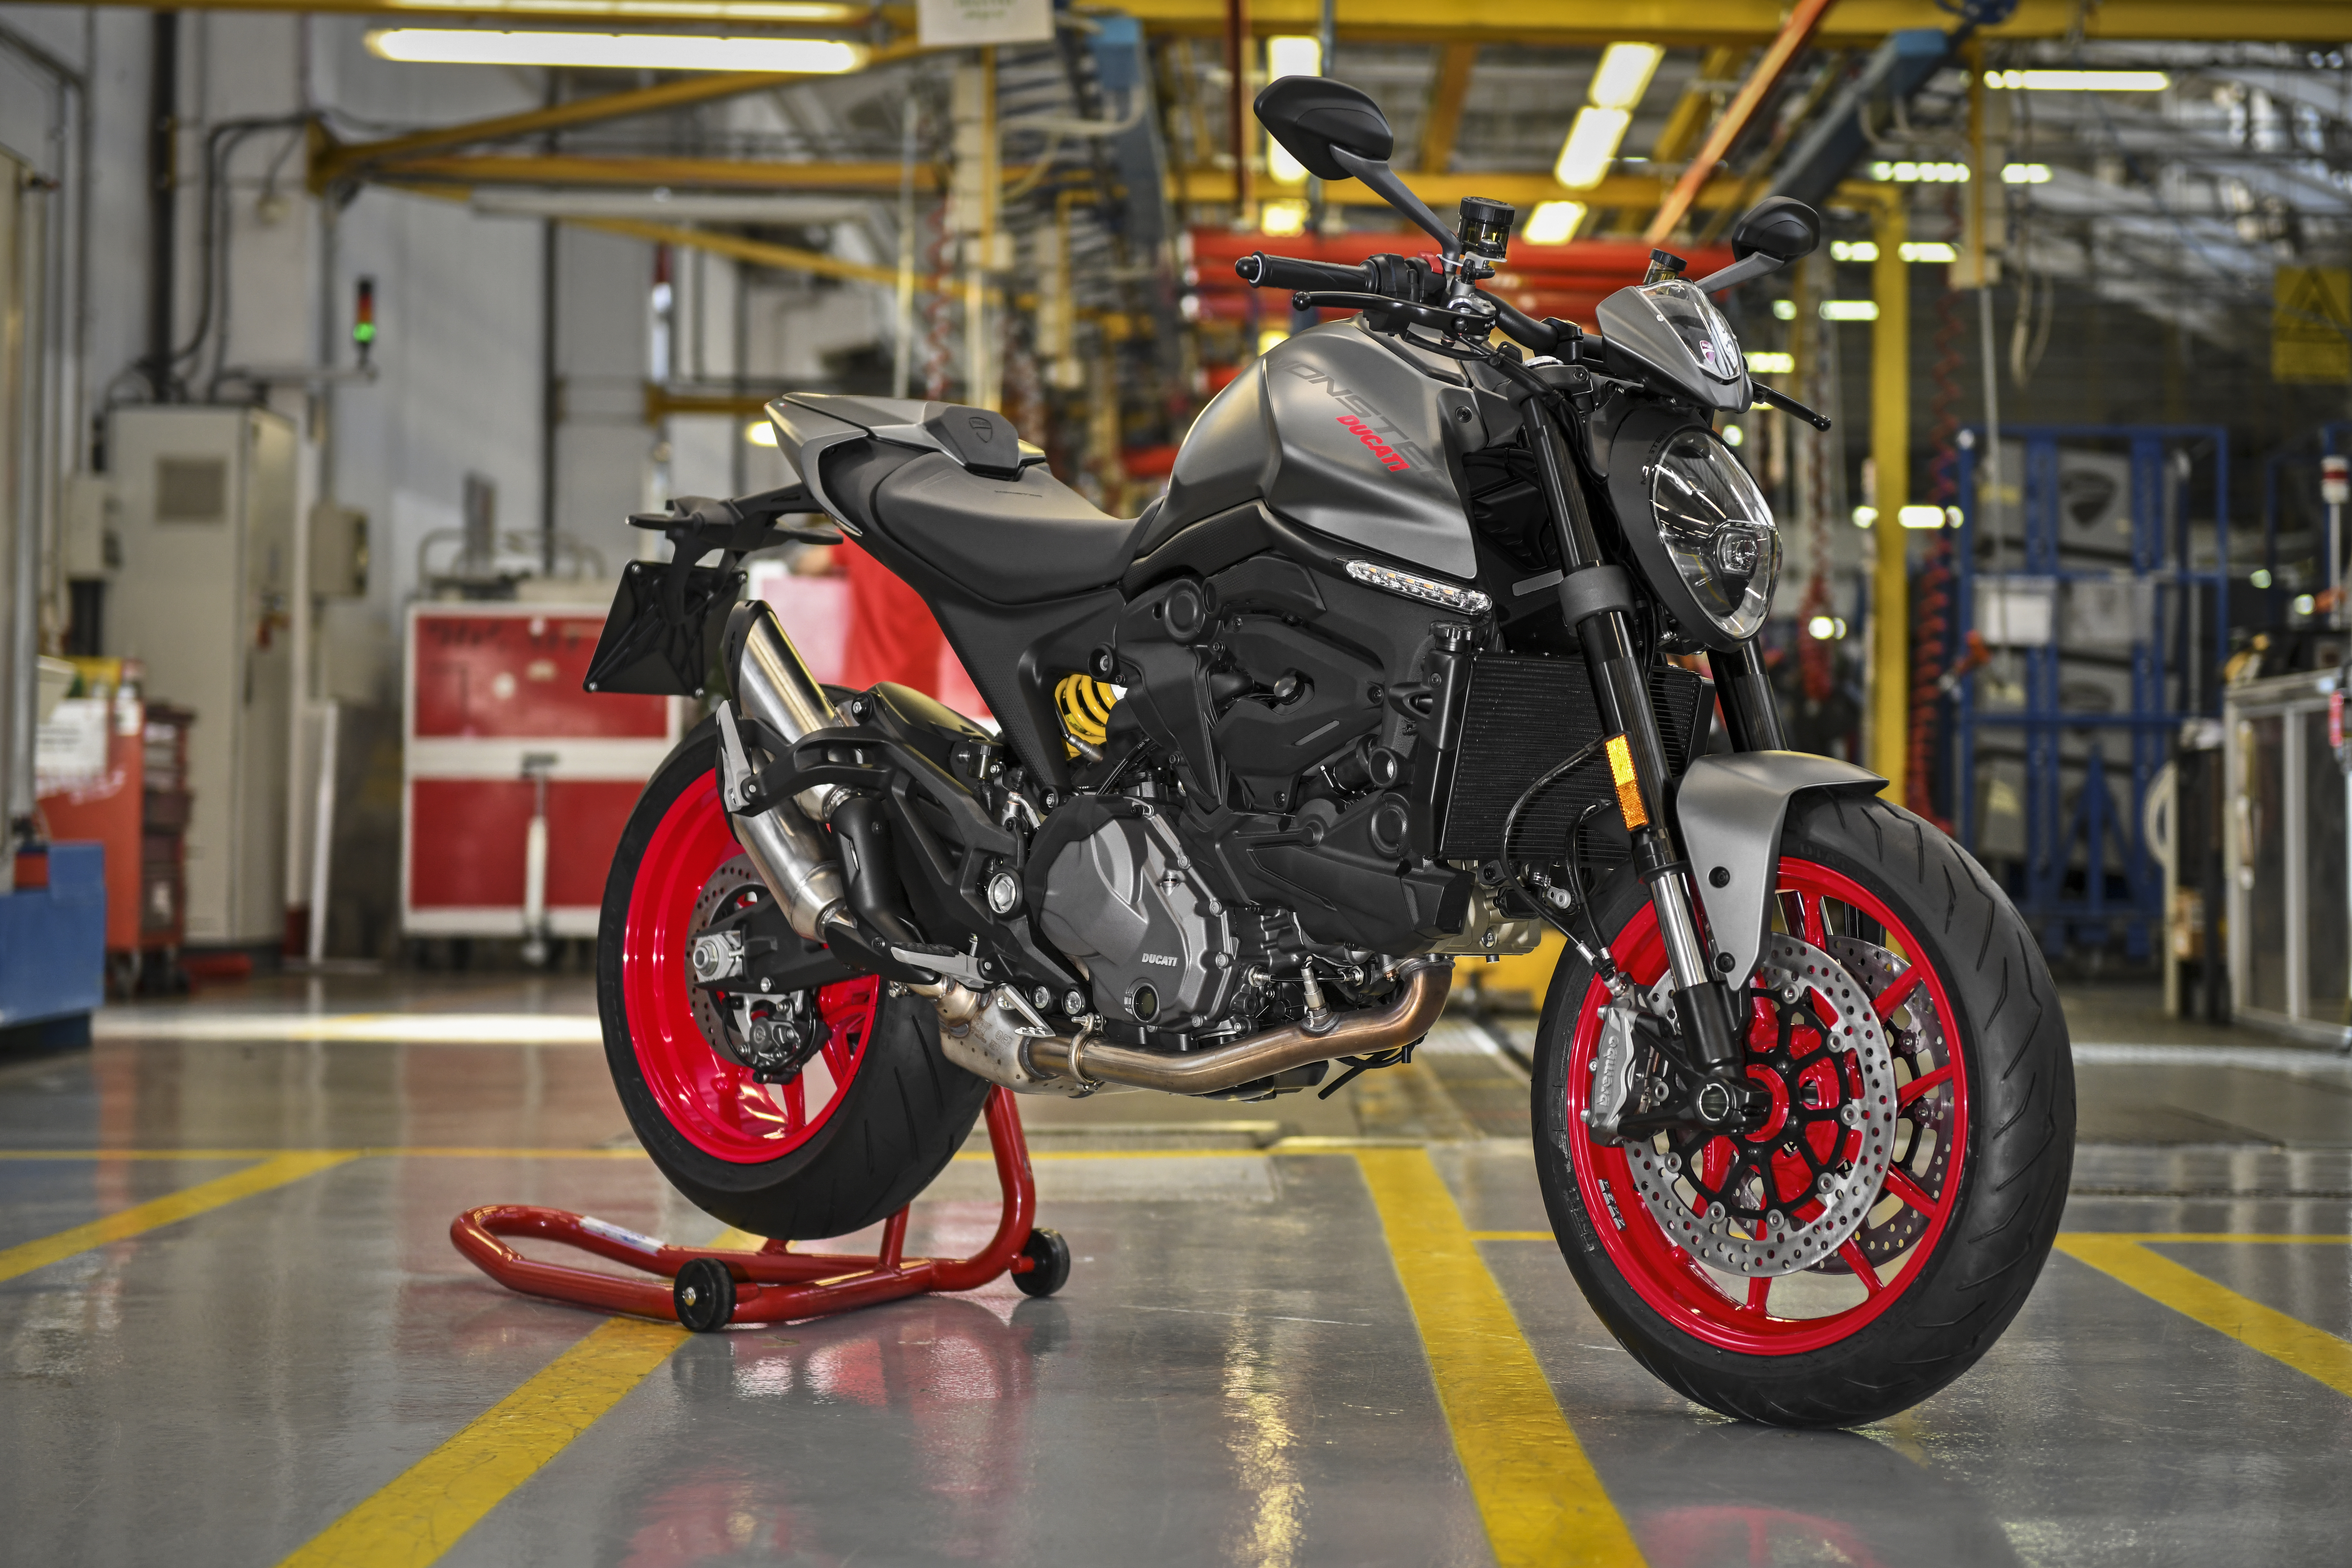 """Ducati khởi động cuộc chơi: Chế tạo """"Quái thú mới"""" - The start of a new Monster line!"""